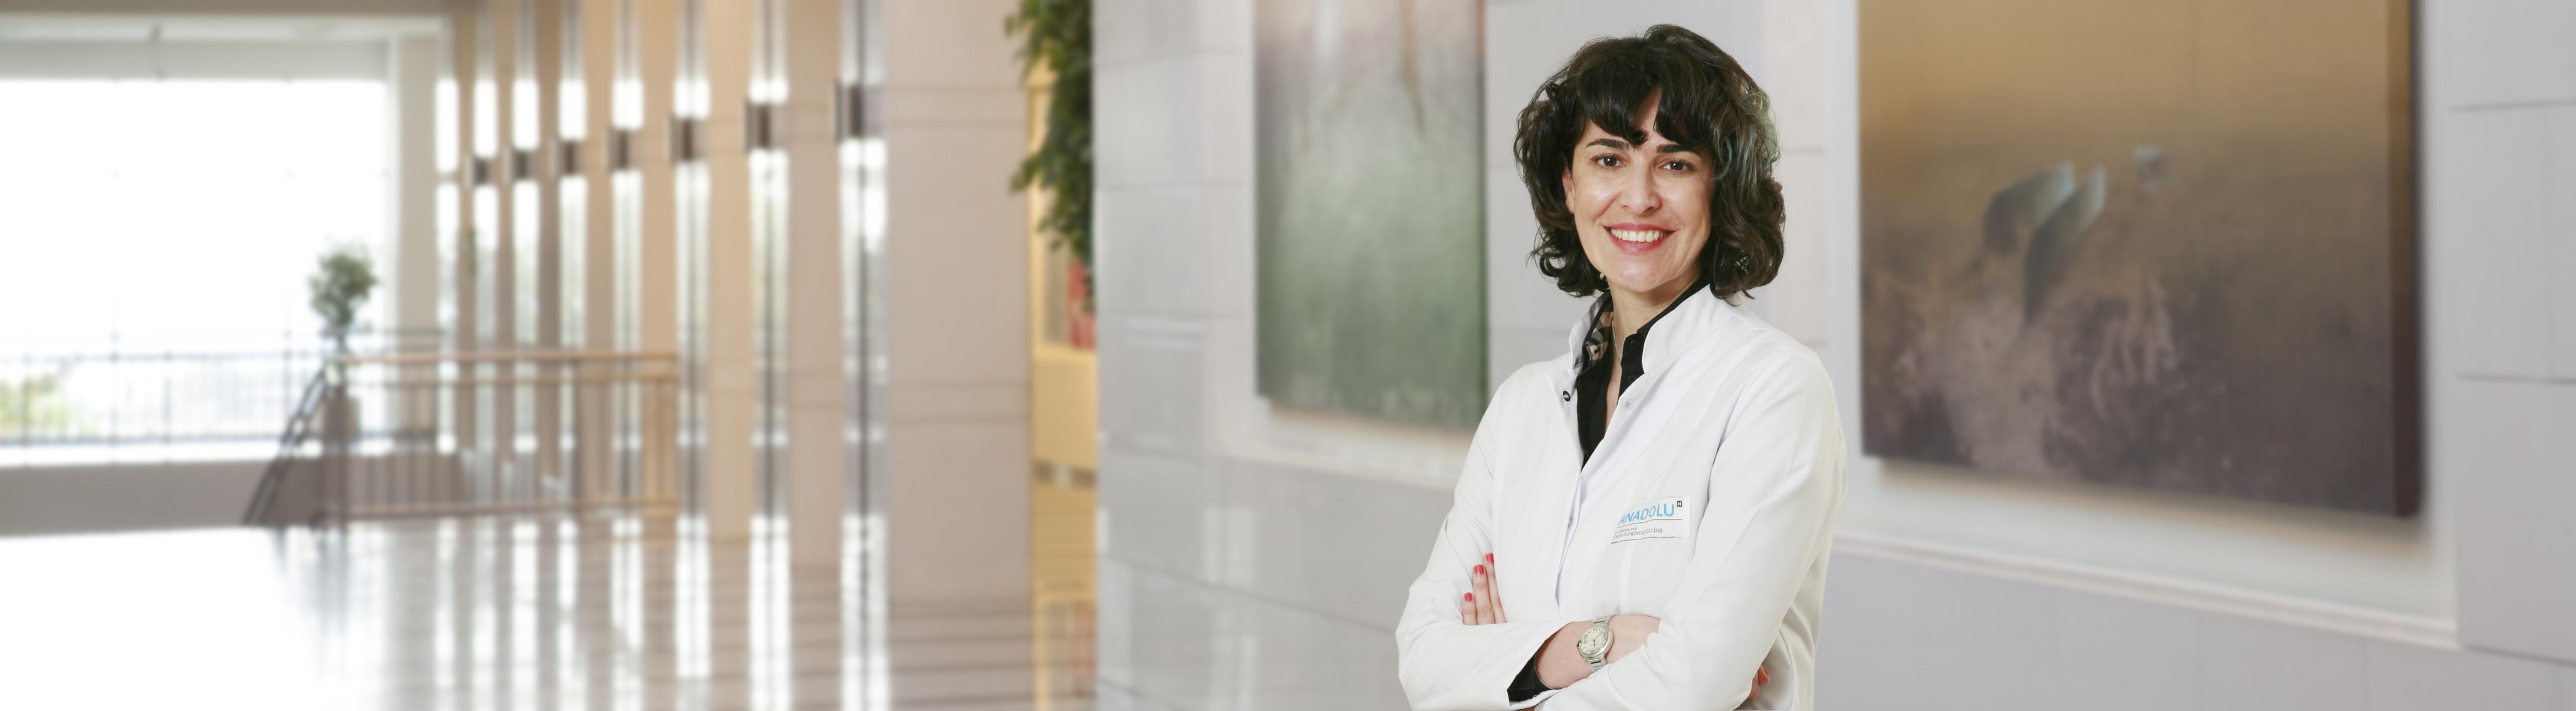 Хале Башак Чалар — квалифицированная помощь в медицинском центре Anadolu